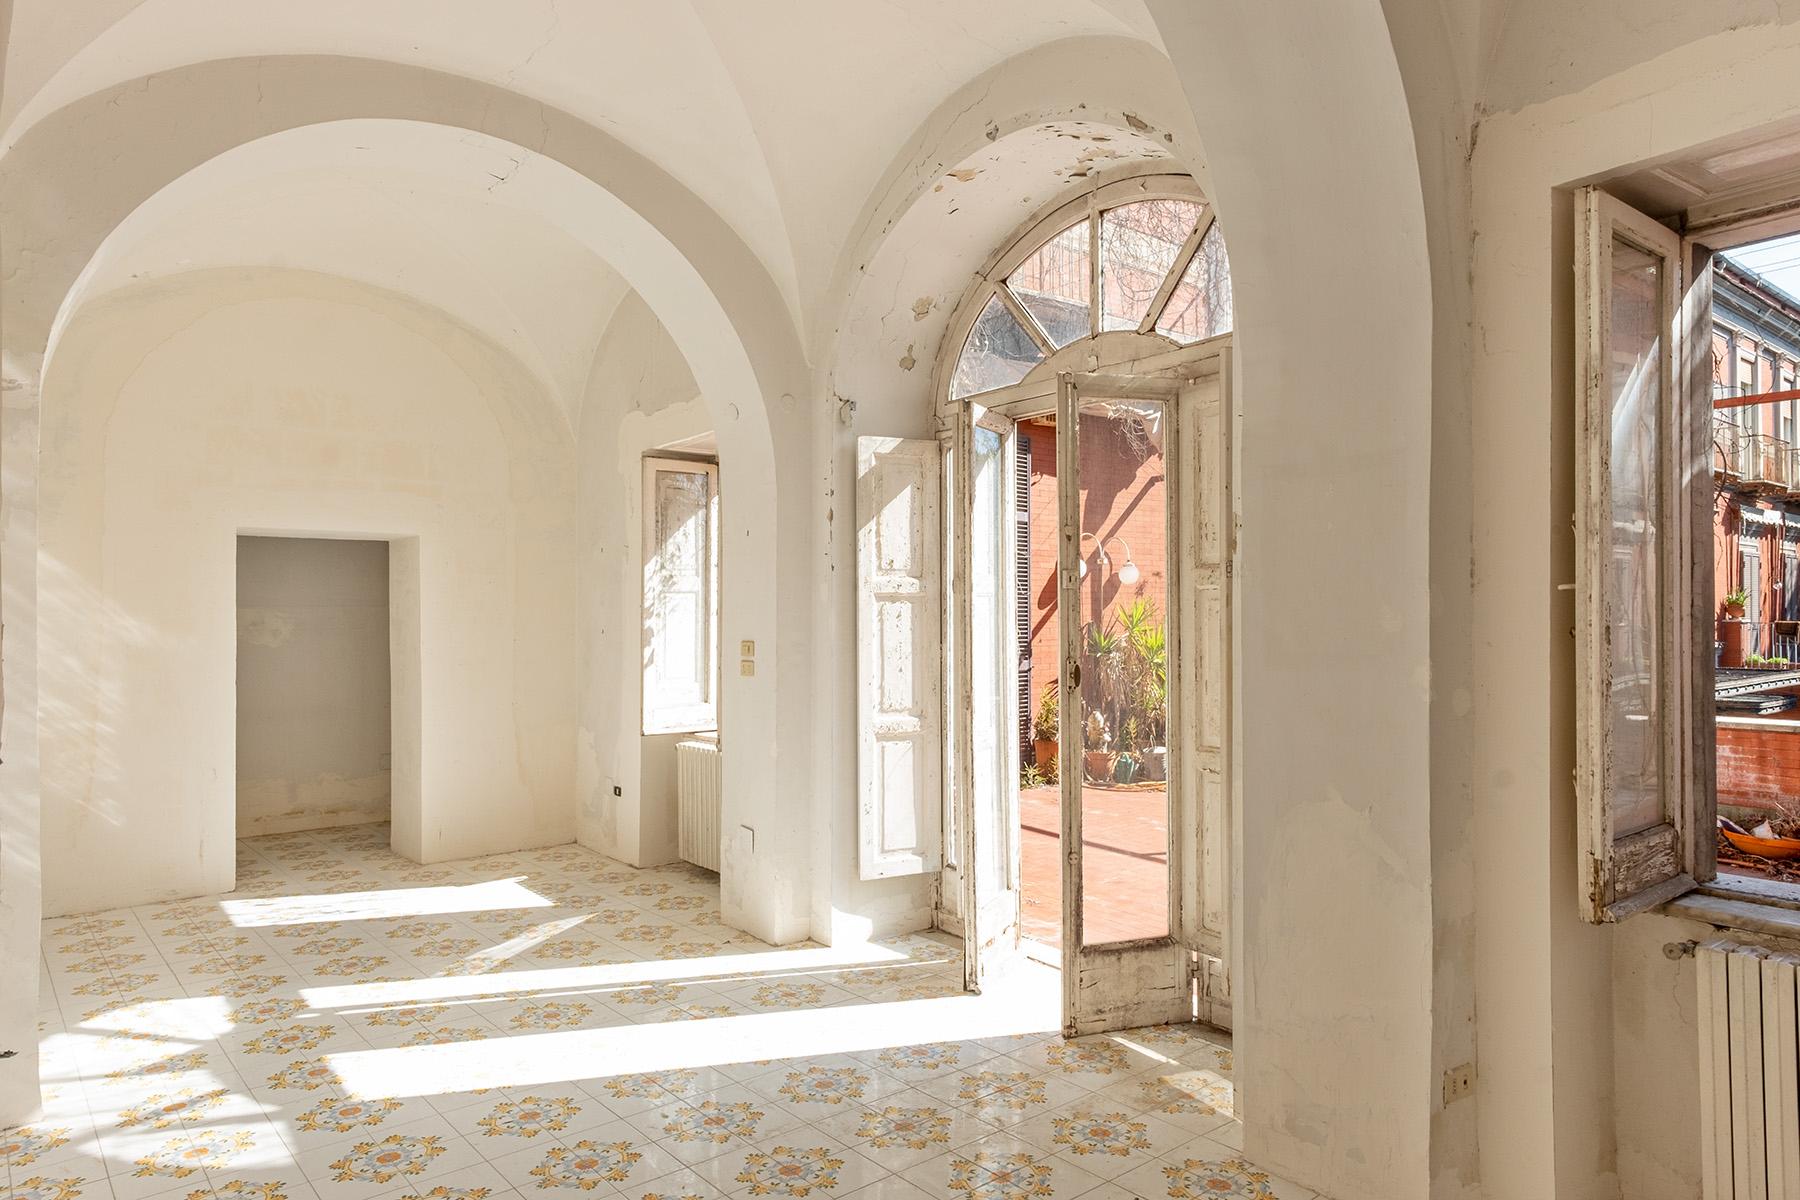 Casa indipendente in Vendita a Napoli: 5 locali, 300 mq - Foto 6